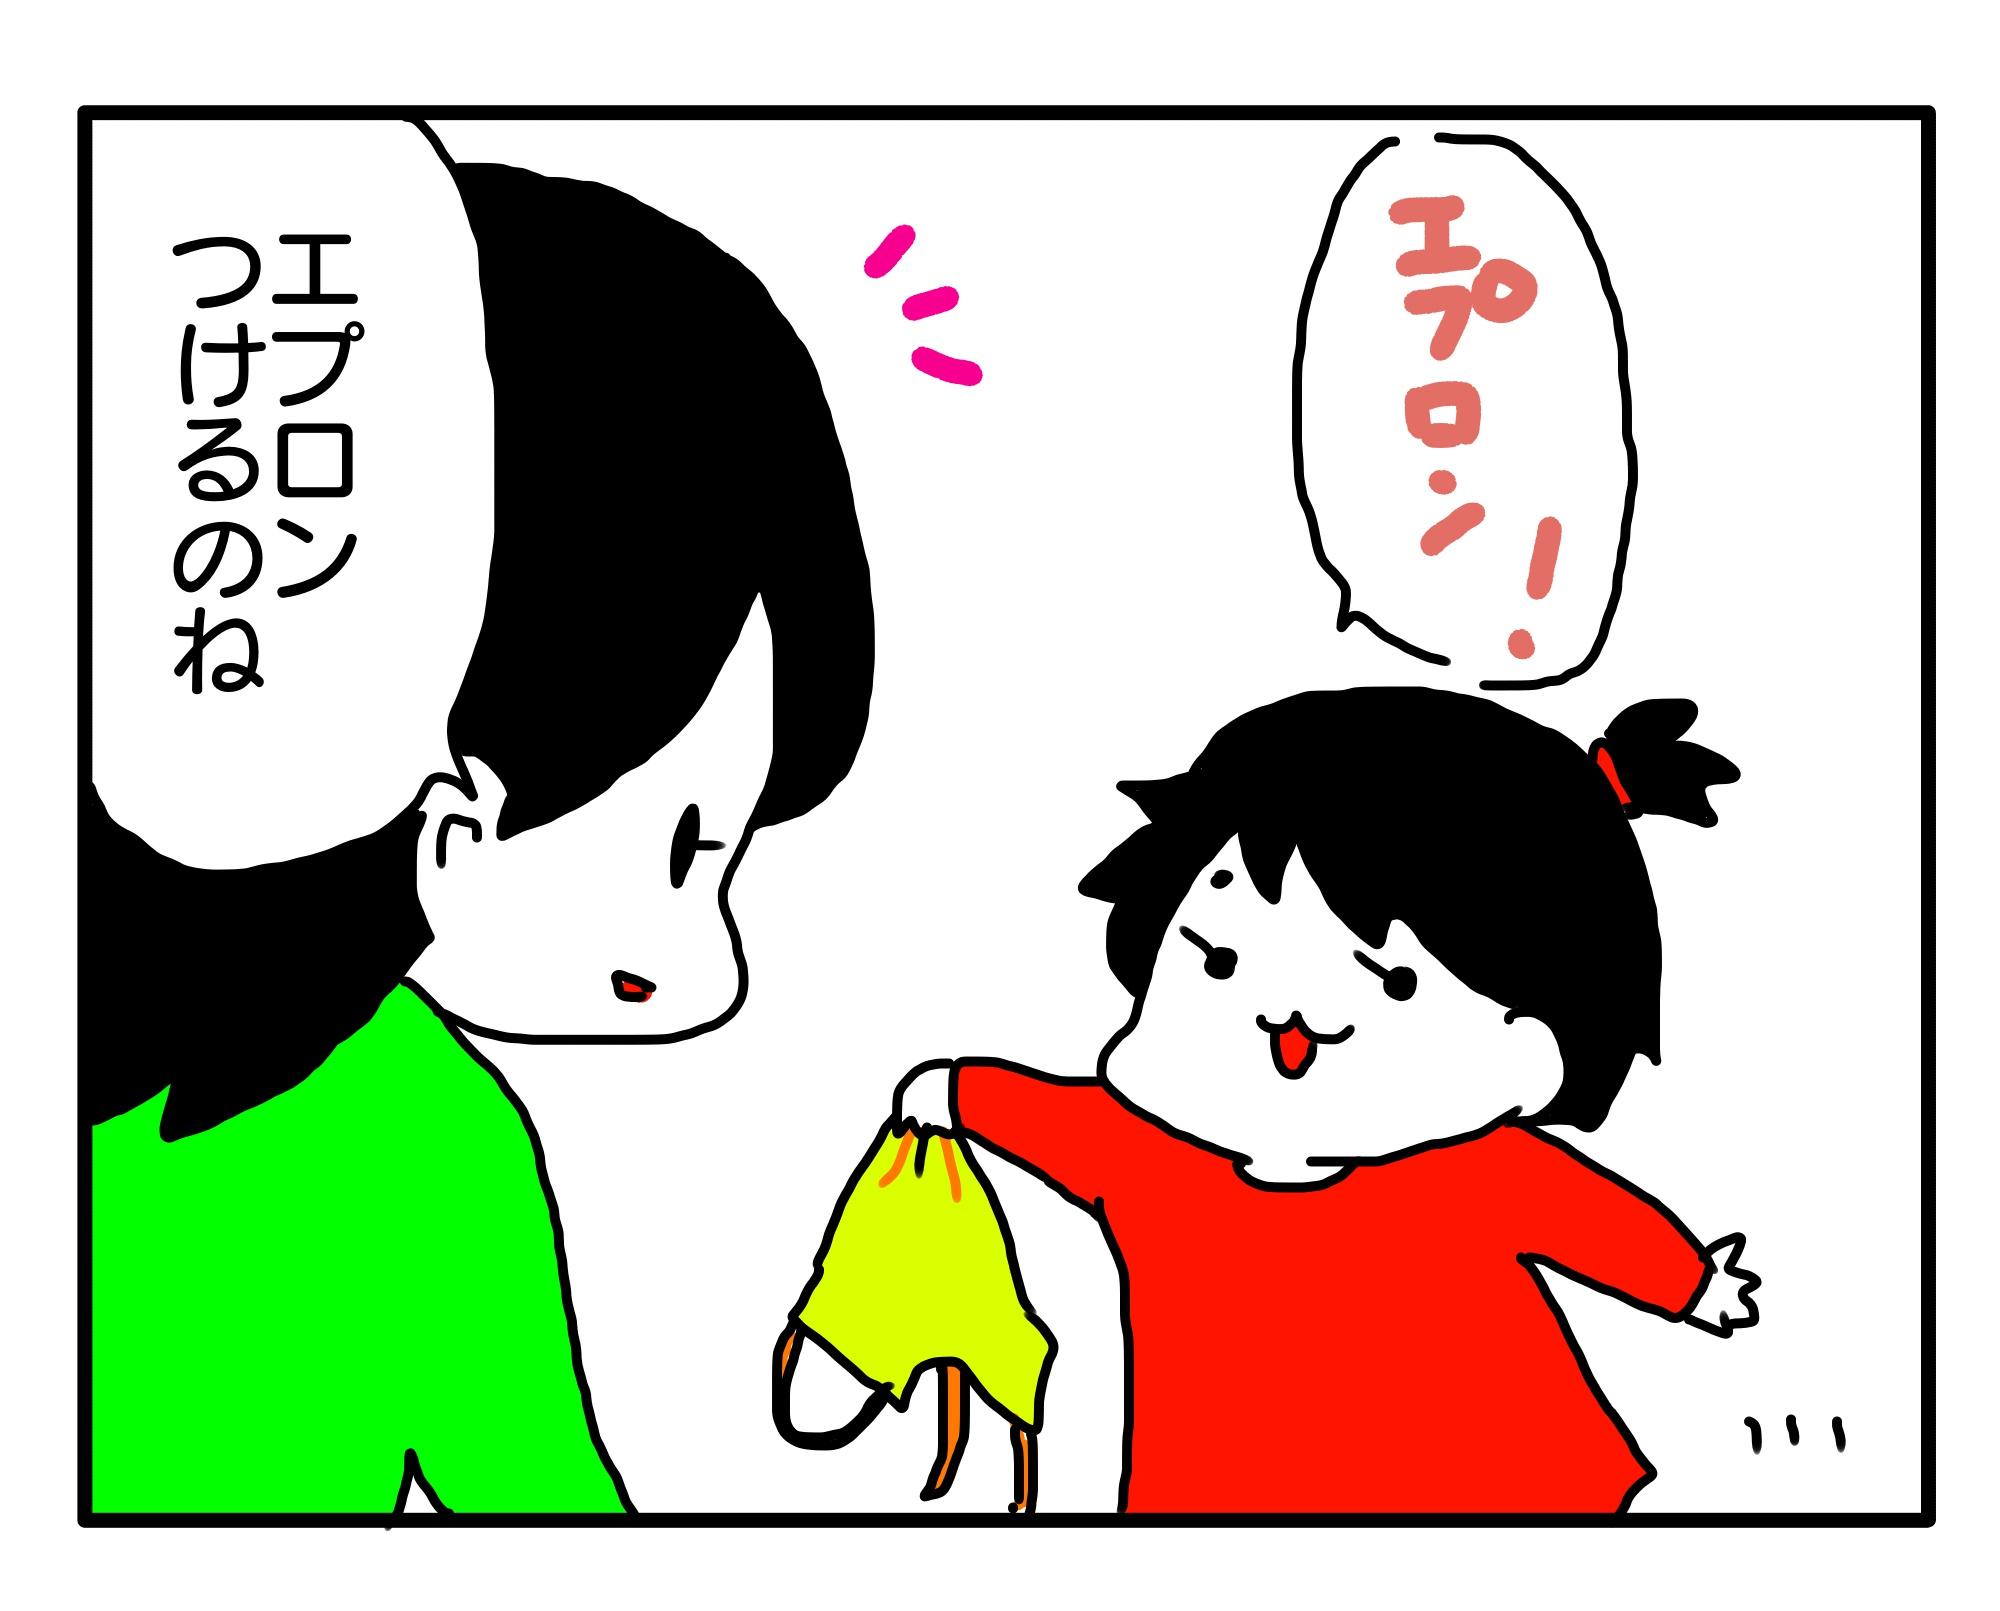 今日もポニョ子びより#16「完コピ」